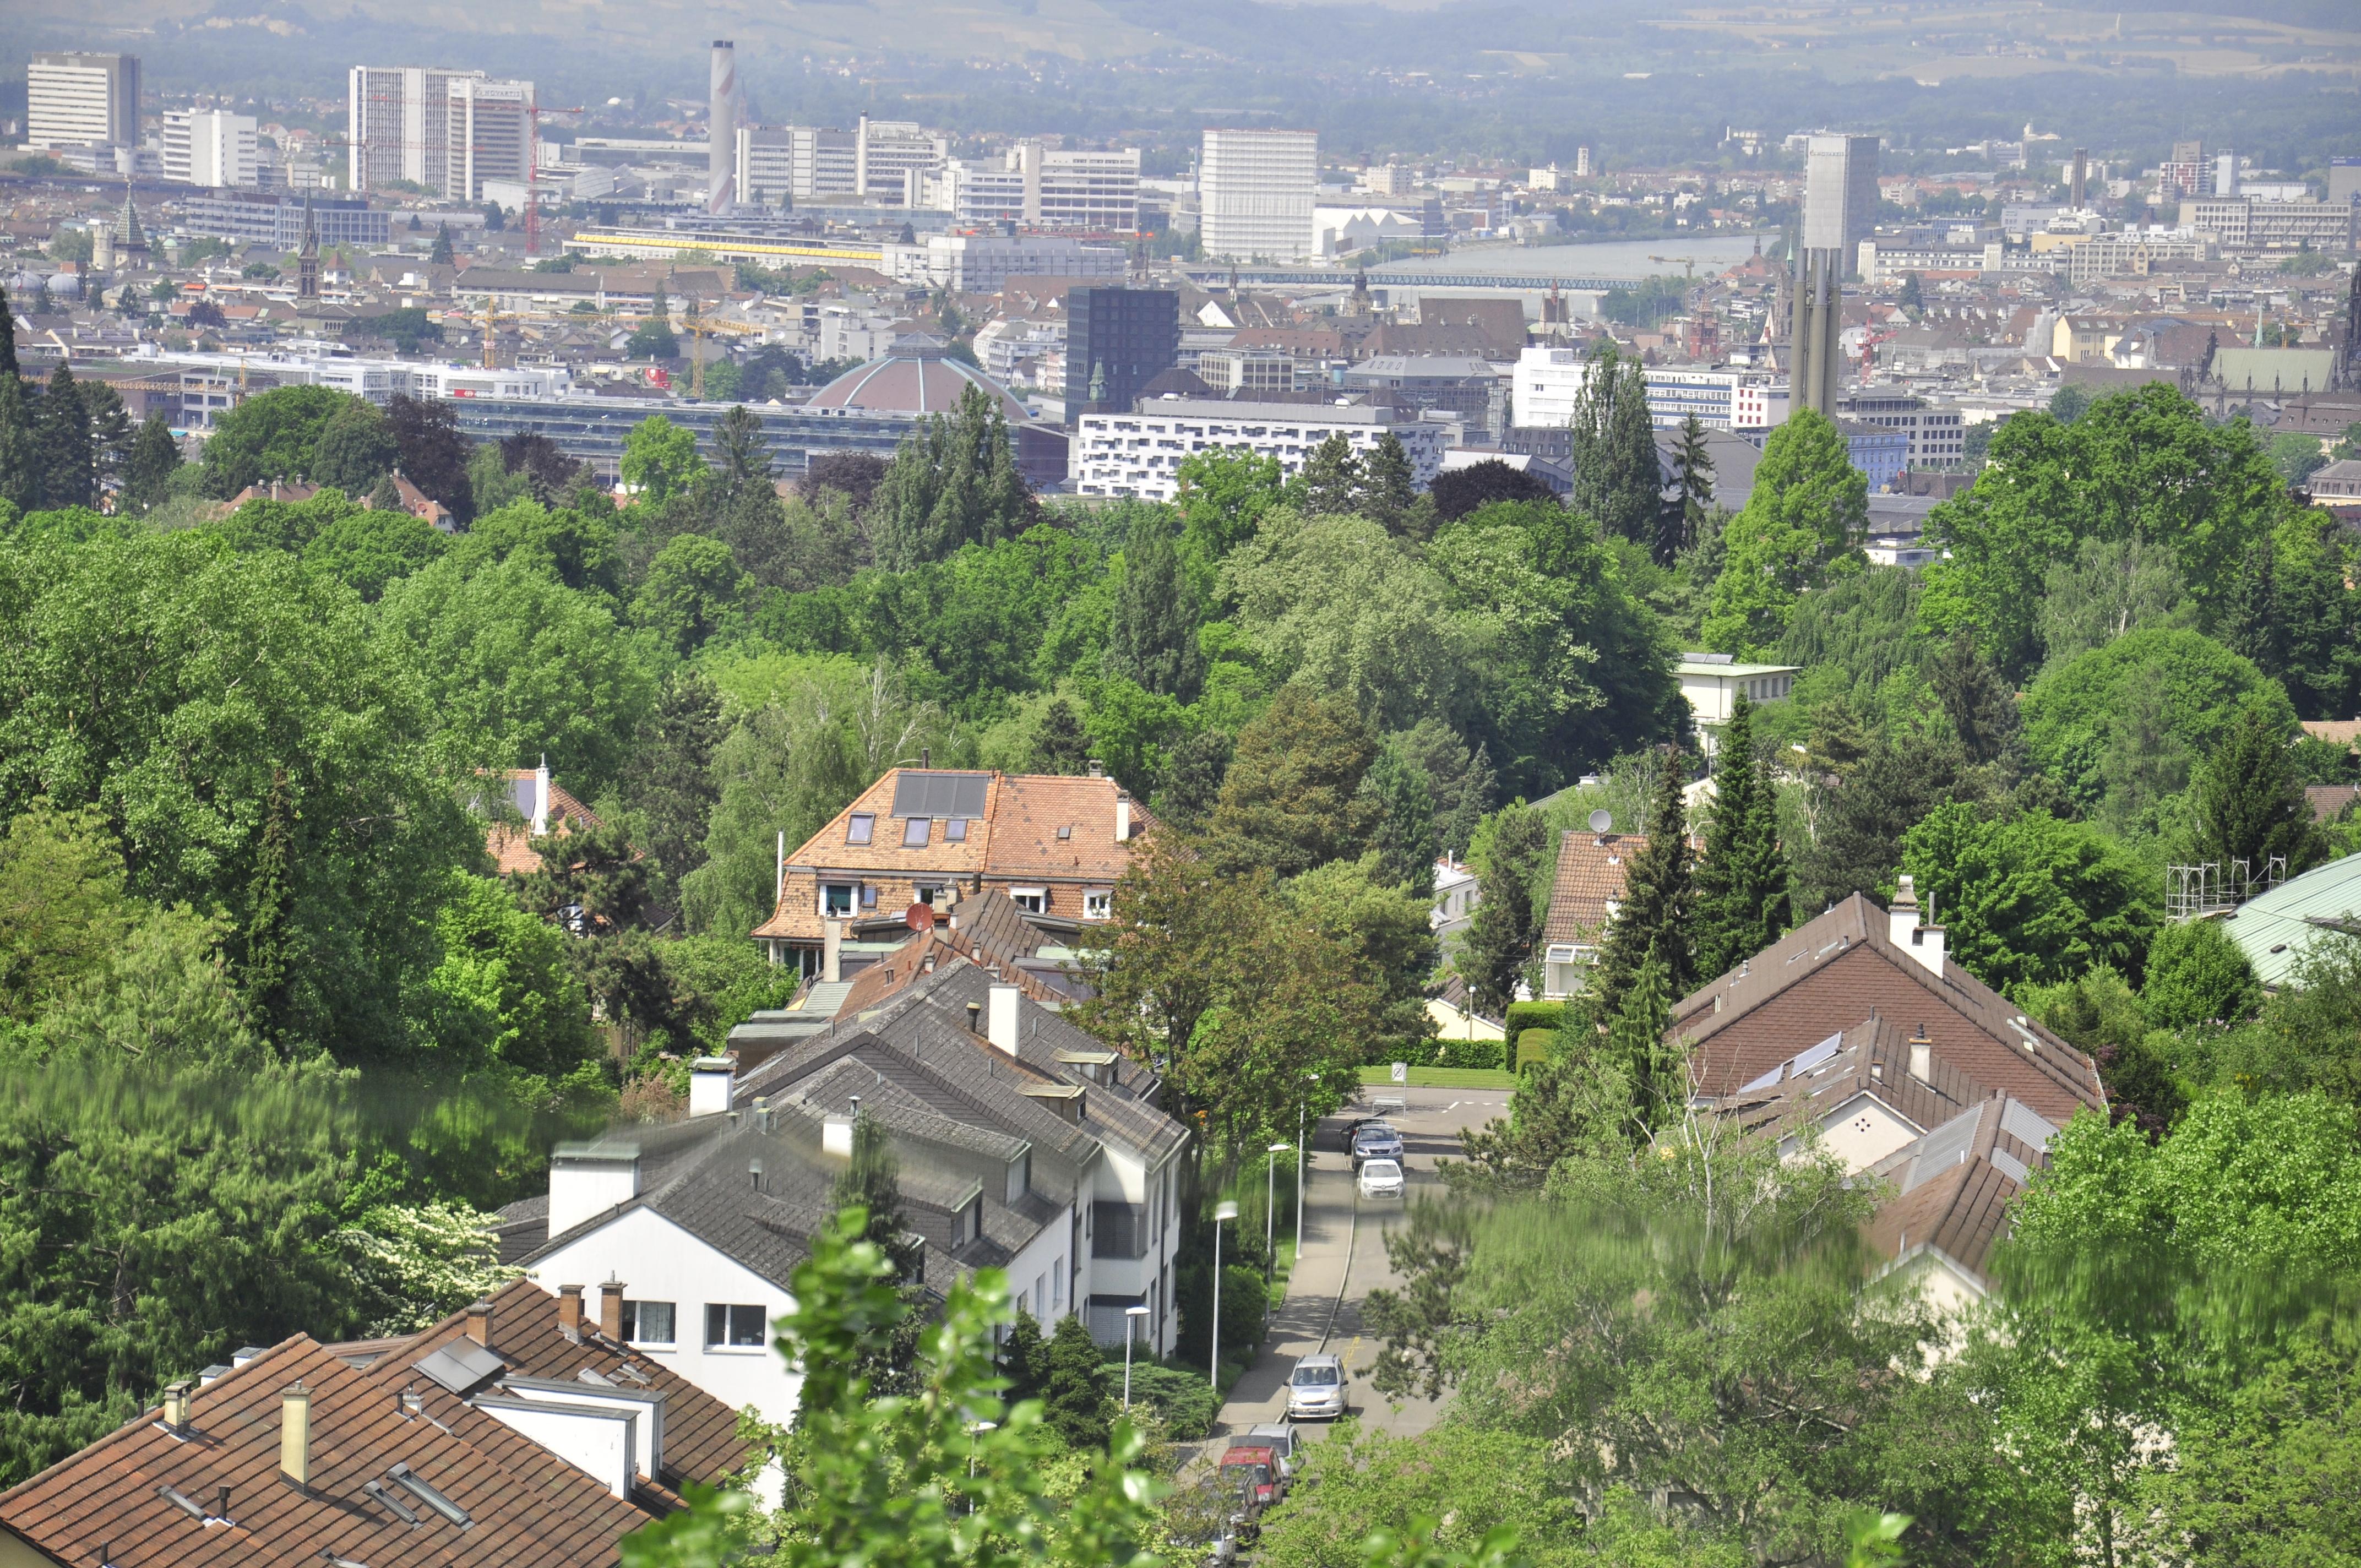 Aussicht vom Wasserturm auf dem Bruderholz auf die Stadt Basel.